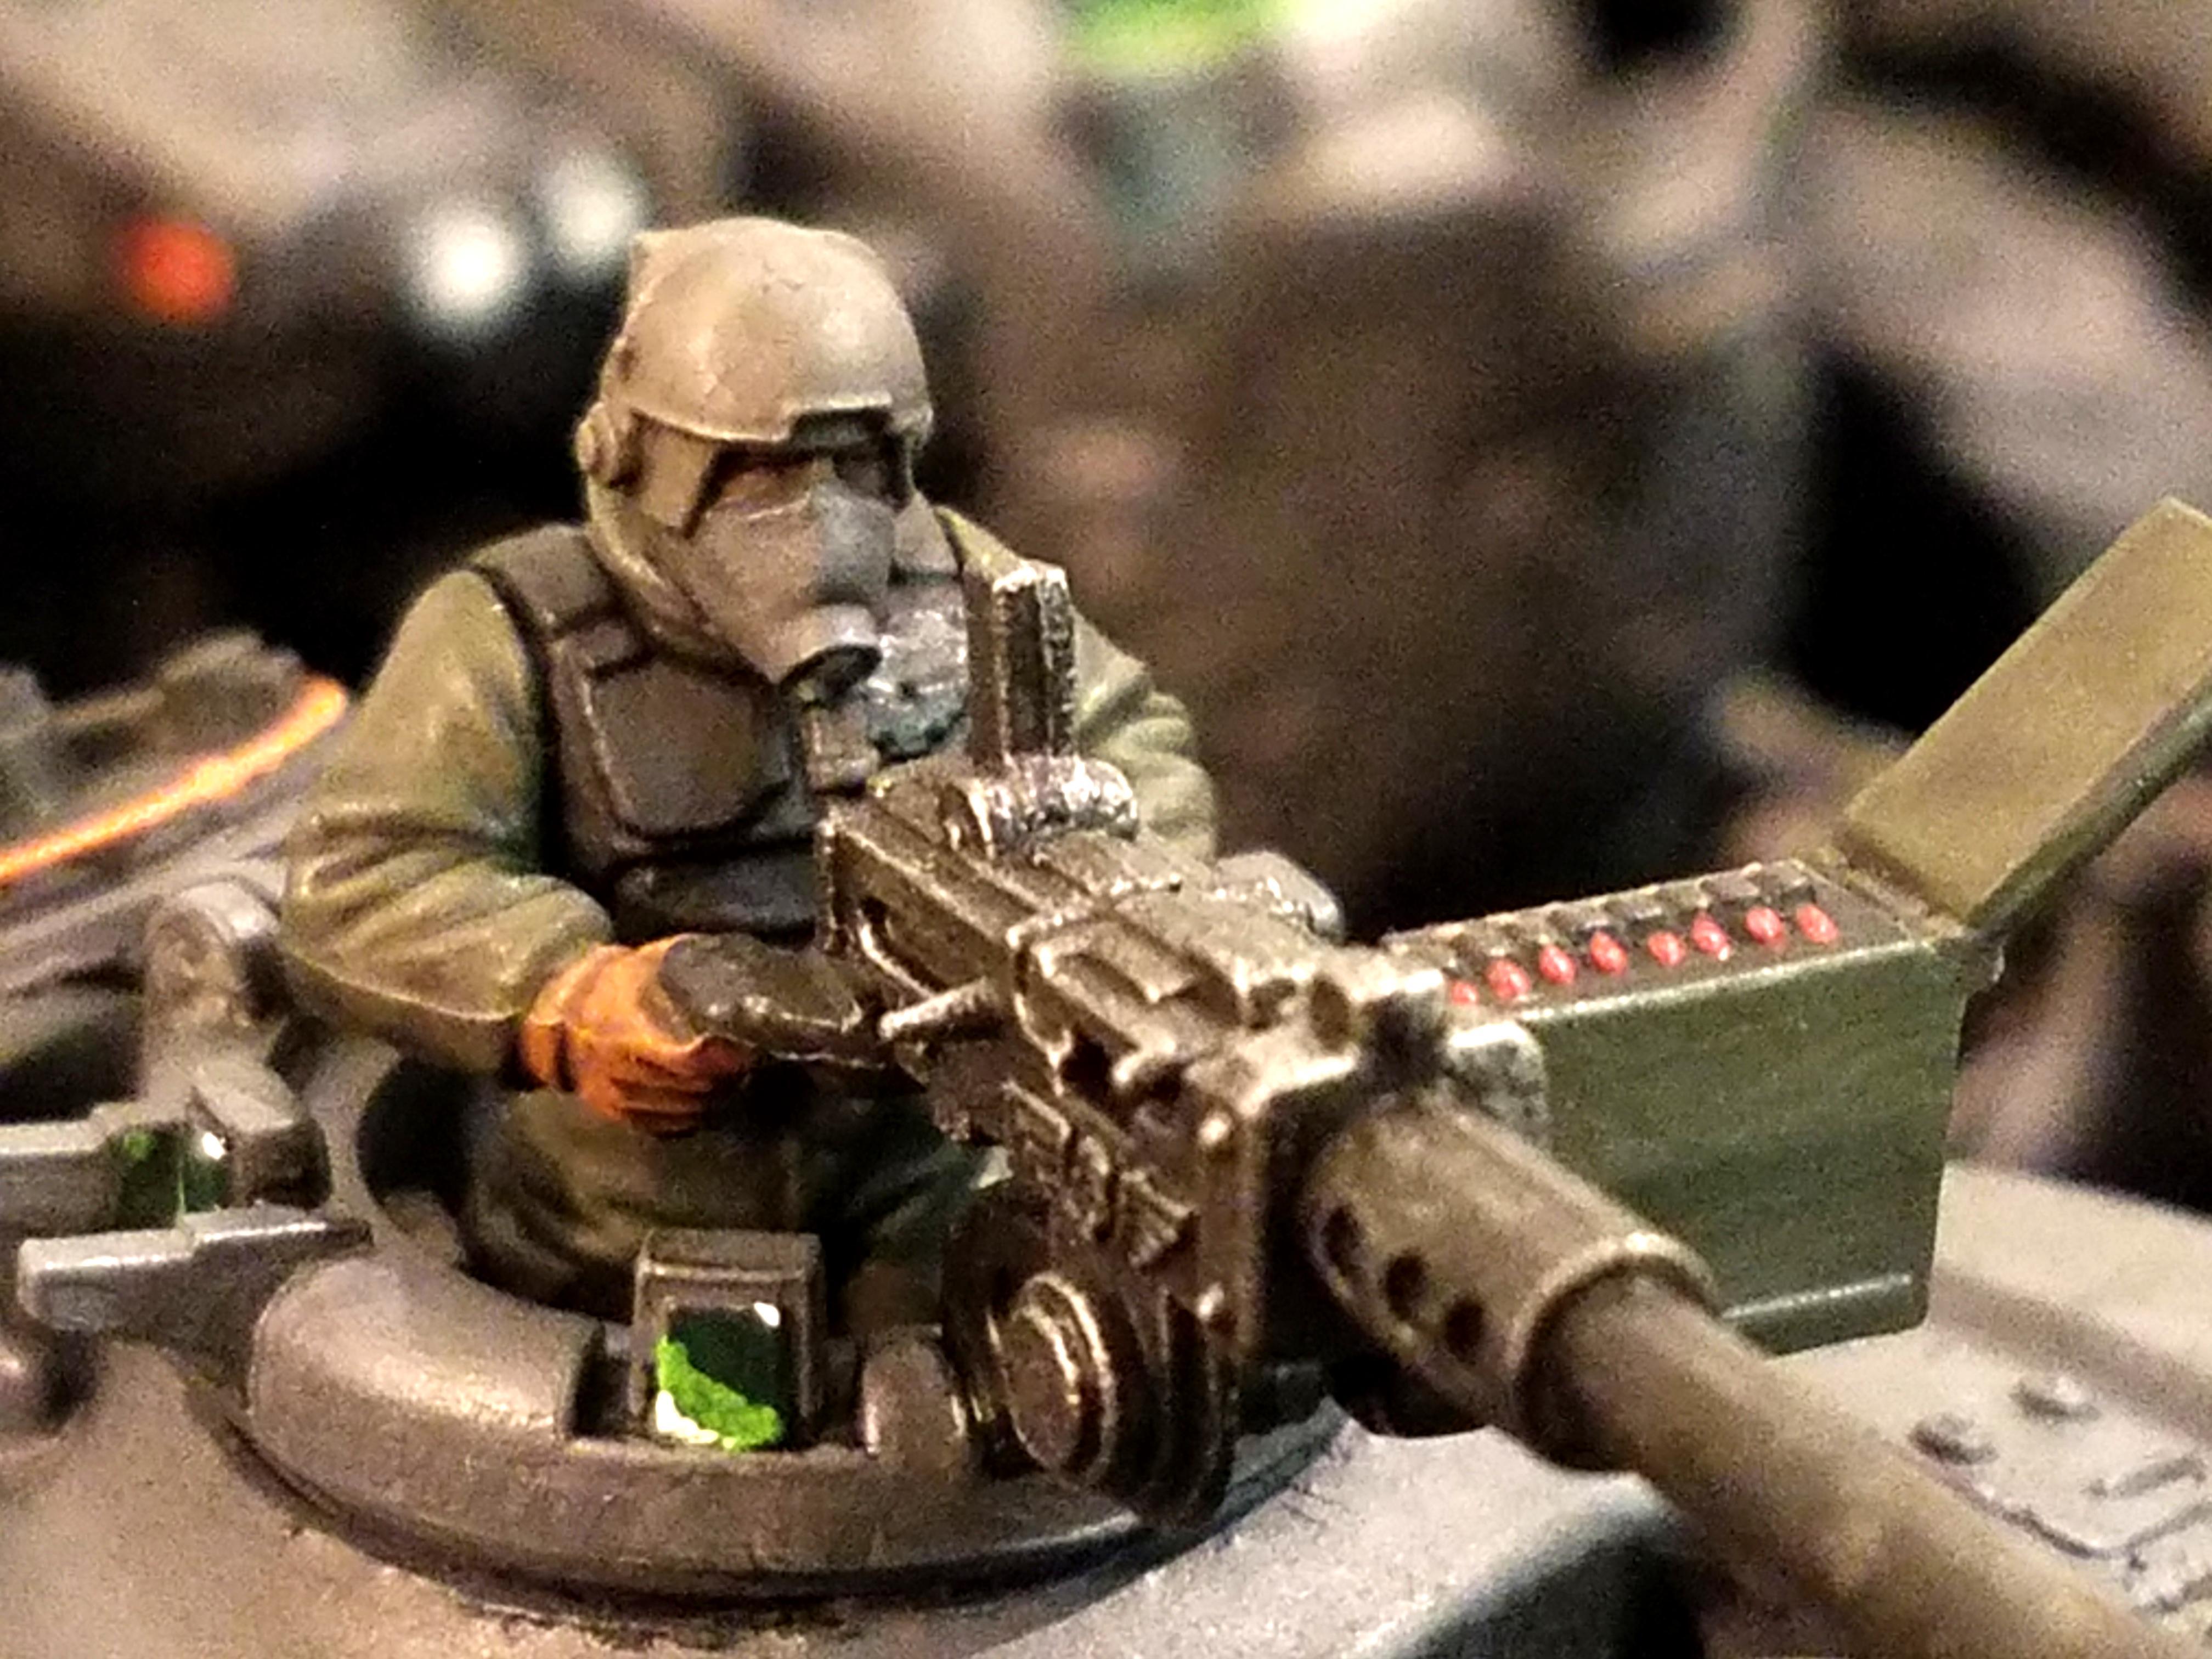 Gears Of War, Leman Russ, Mechanized, Proxy, Russ, Russes, Tank, Video Game